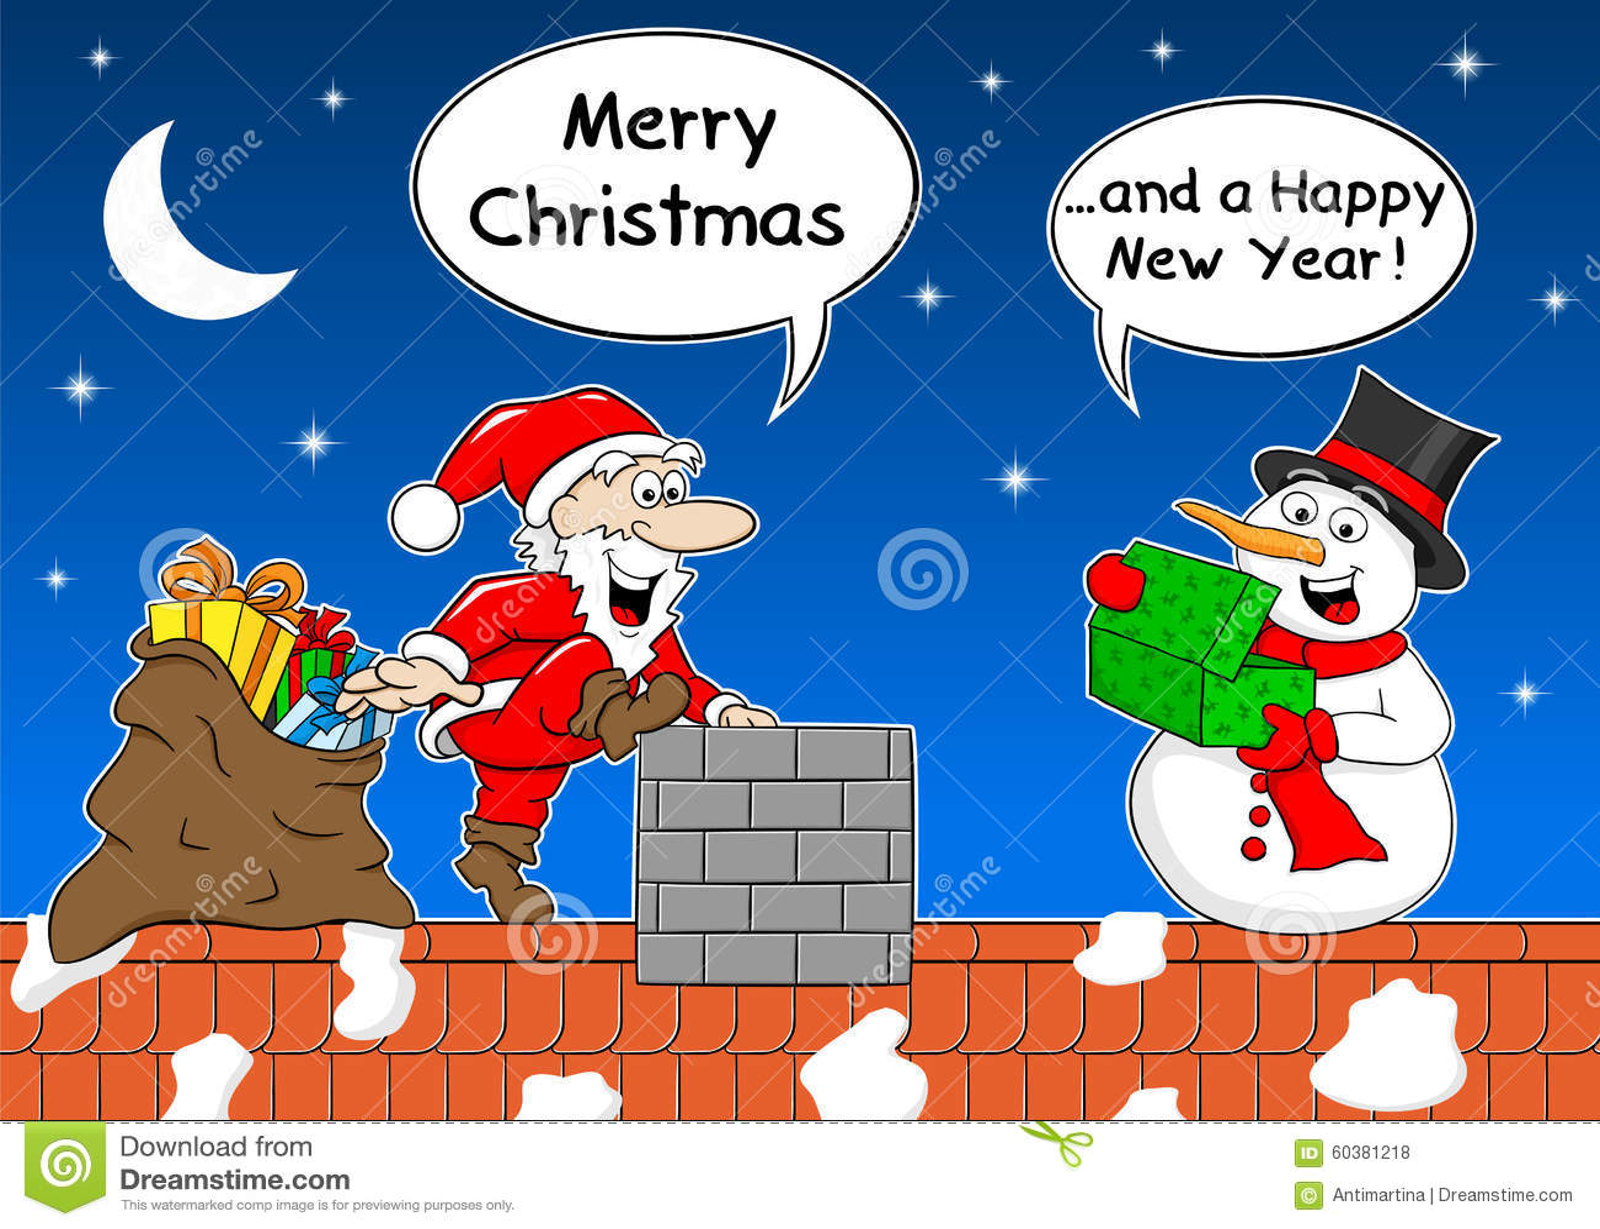 Le Père Noël Donne Un Cadeau à Un Bonhomme De Neige à Noël